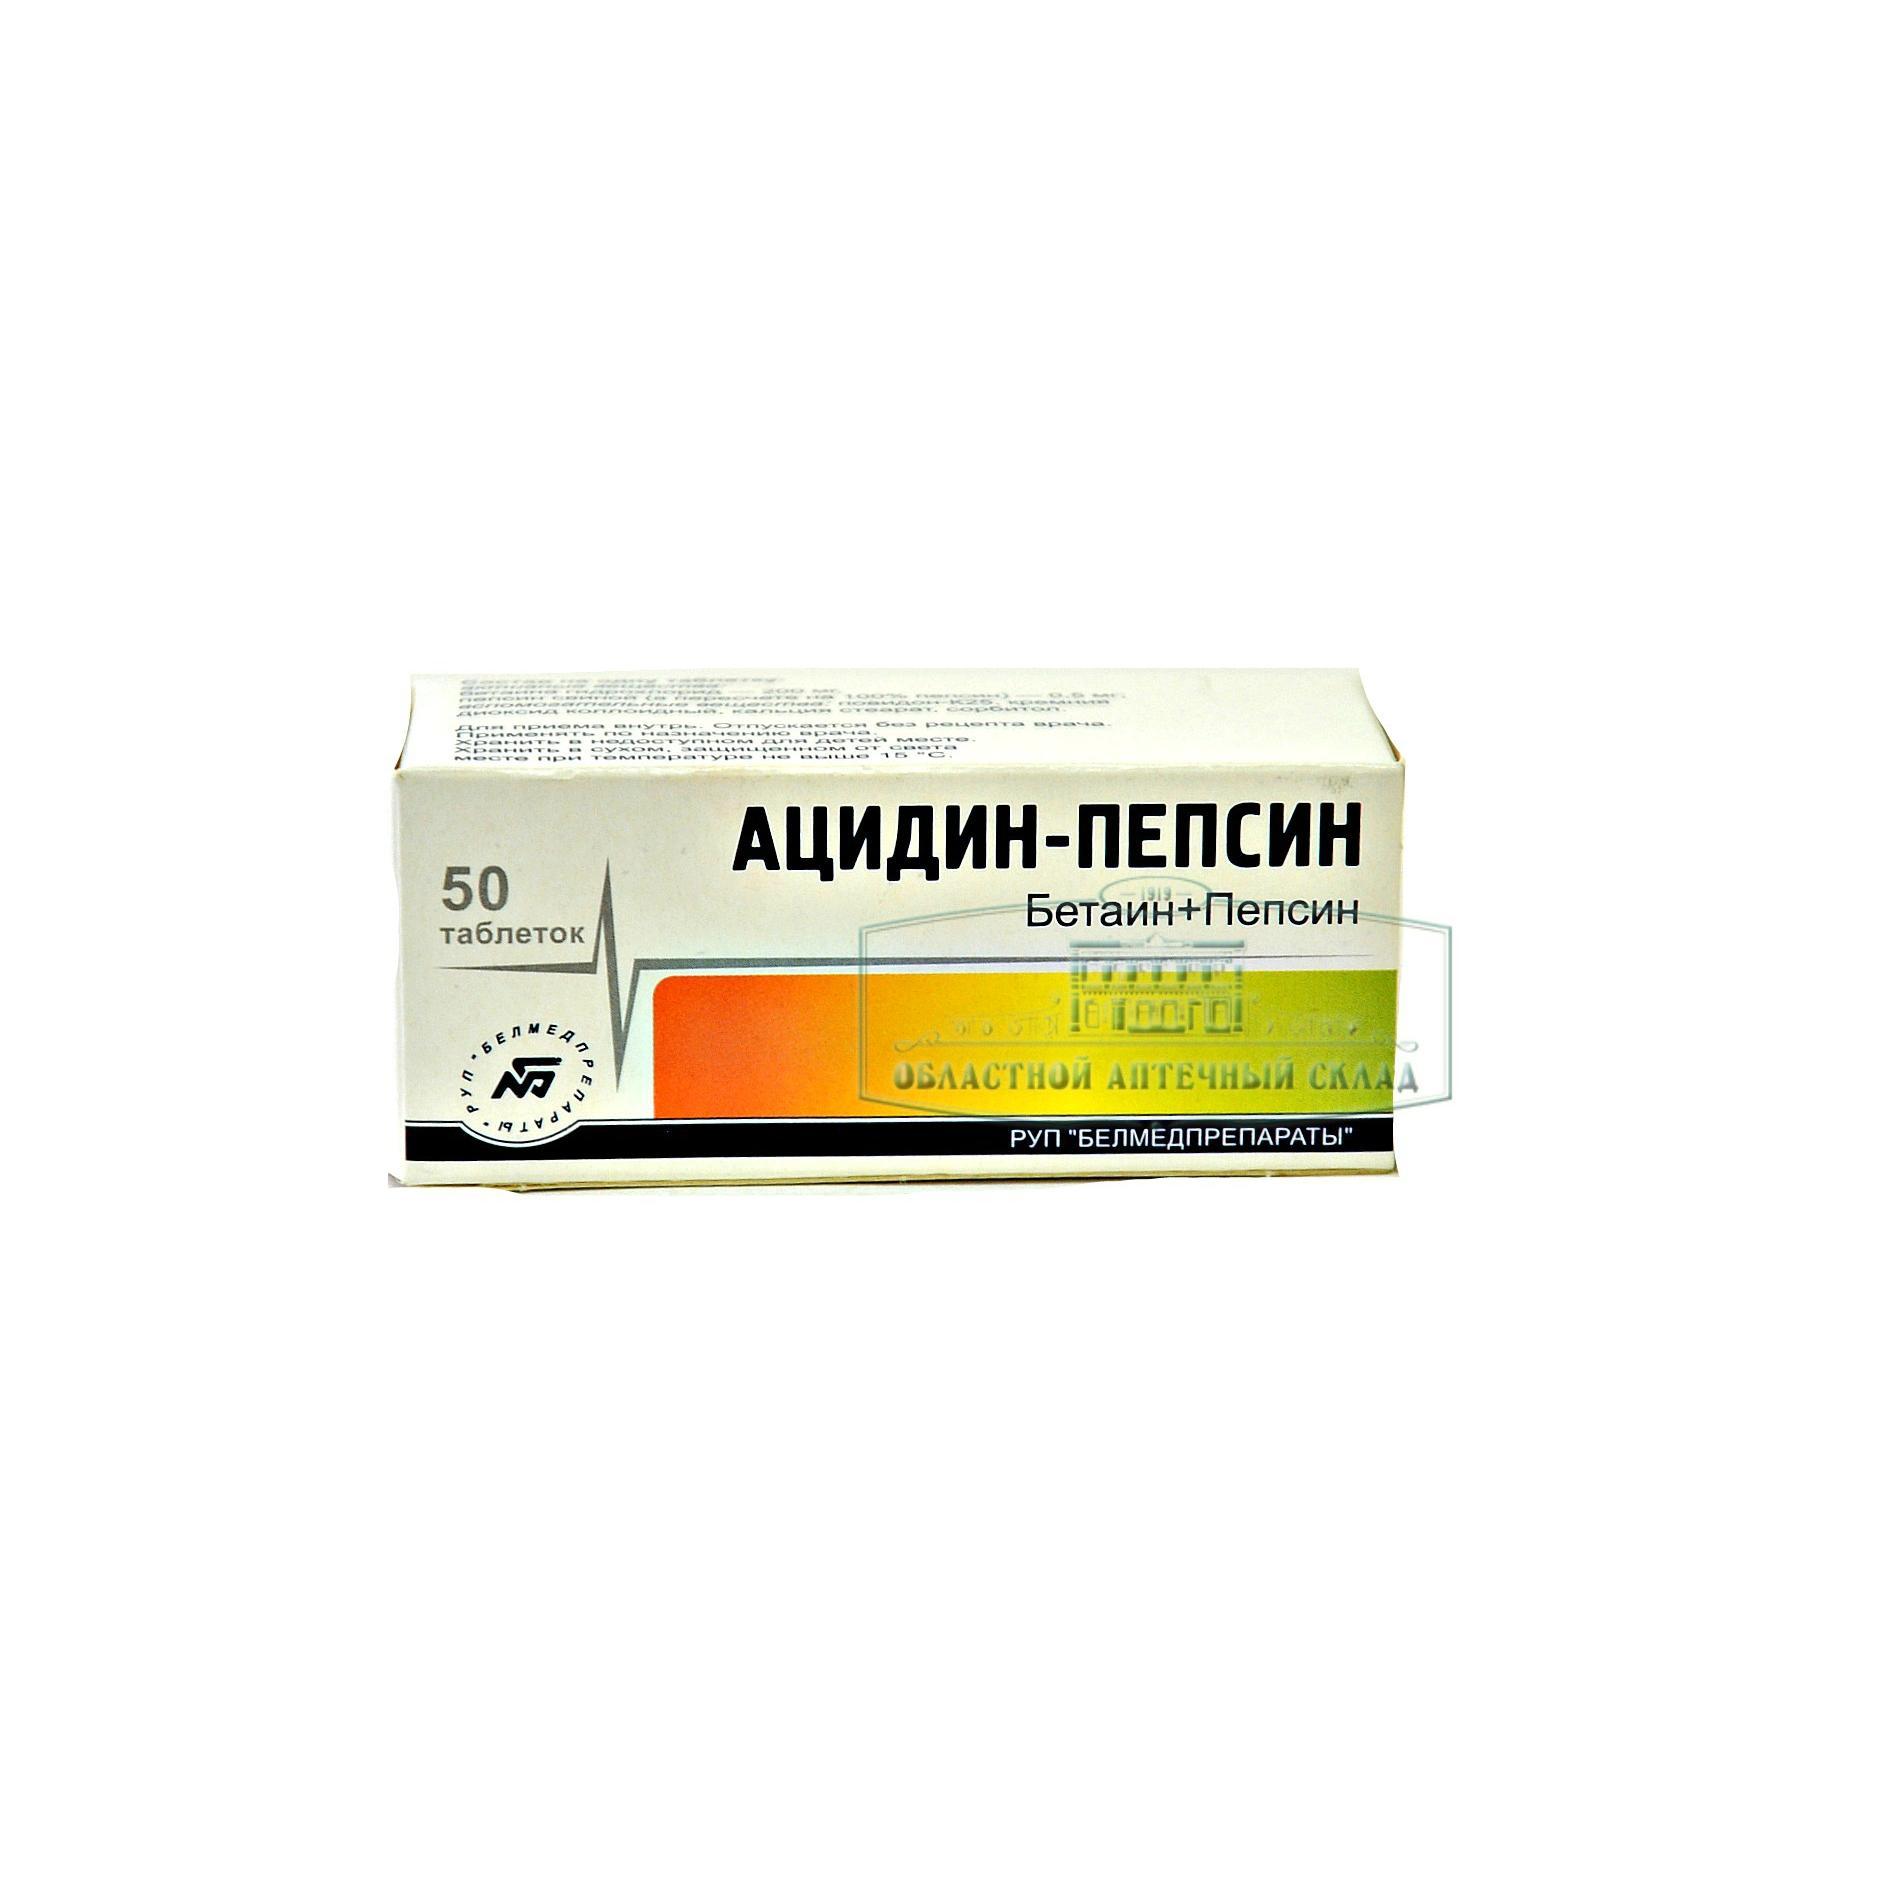 Ацидин-пепсину – состав, аналоги, как с помощью таблеток приготовить сыр